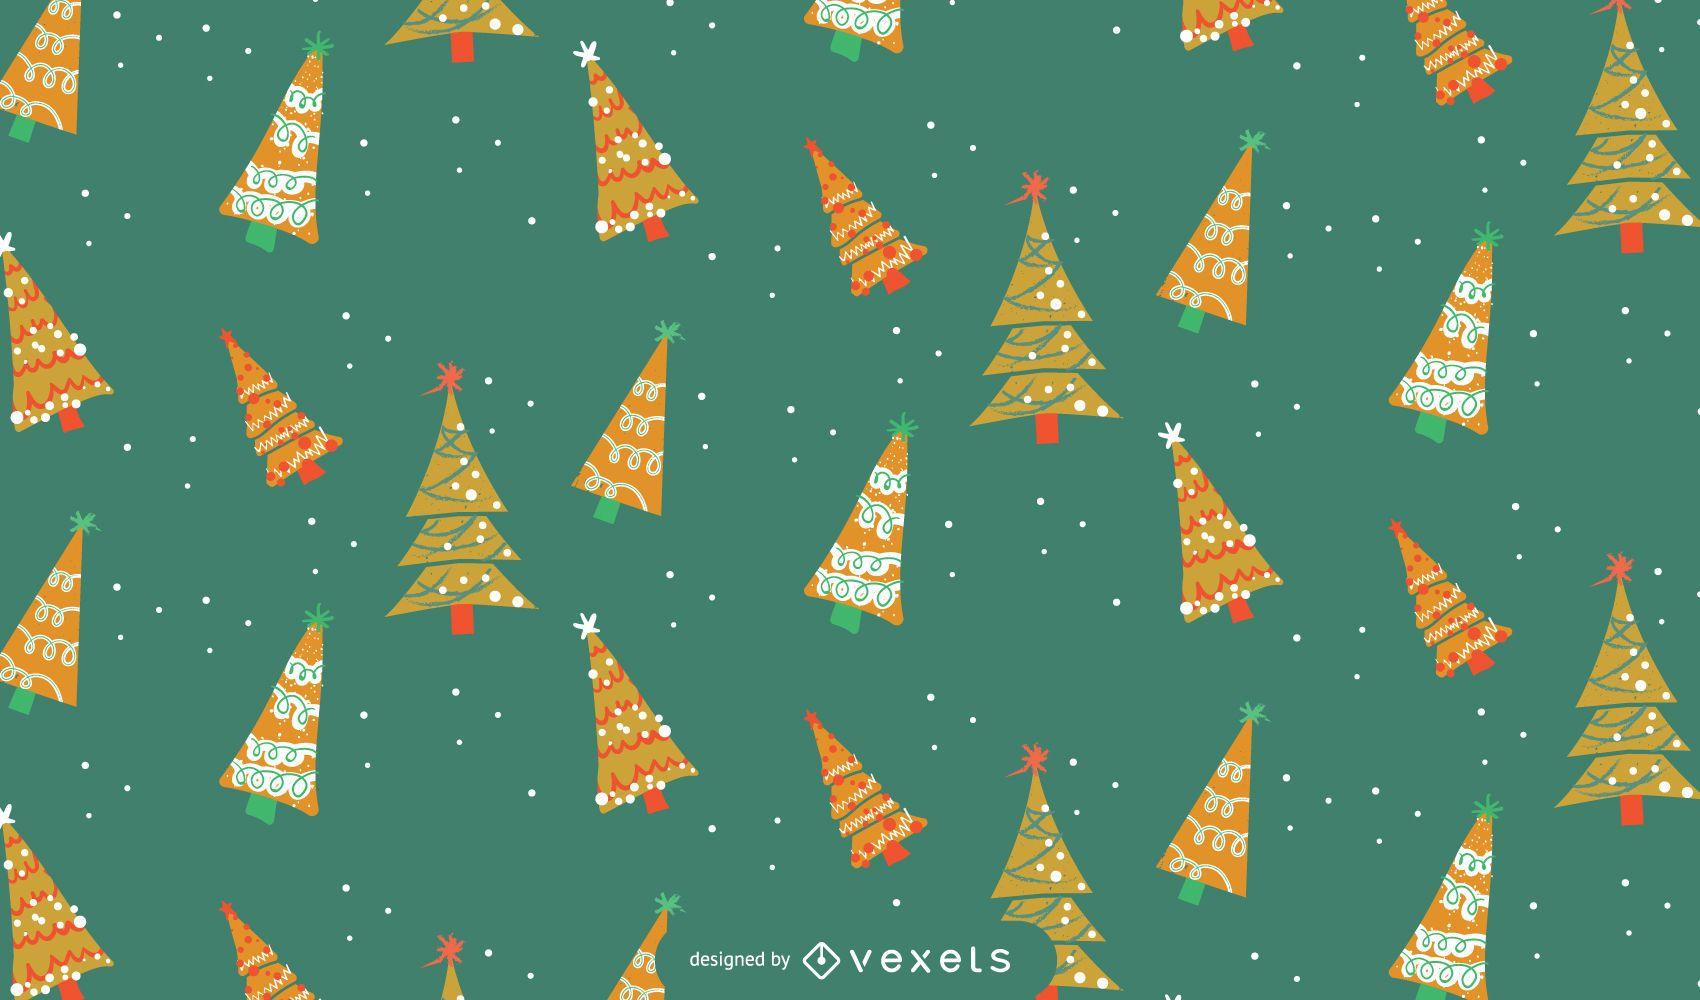 Projeto de padrão de árvores de Natal